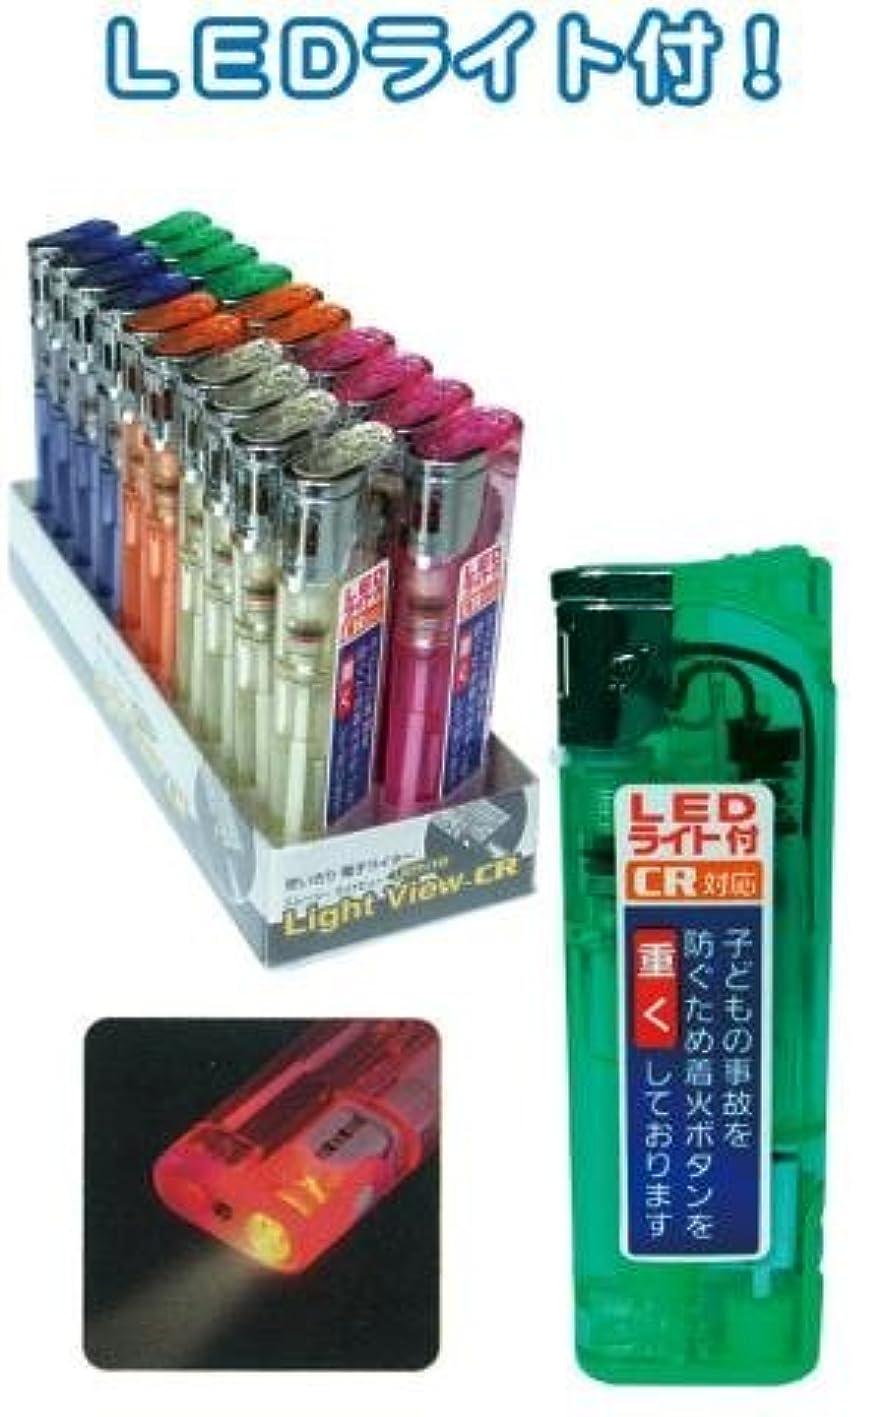 王朝勢い聖域LED電子ライター スライド式スムージーライトビューMXDP01LR 【まとめ買い20個セット】 29-421